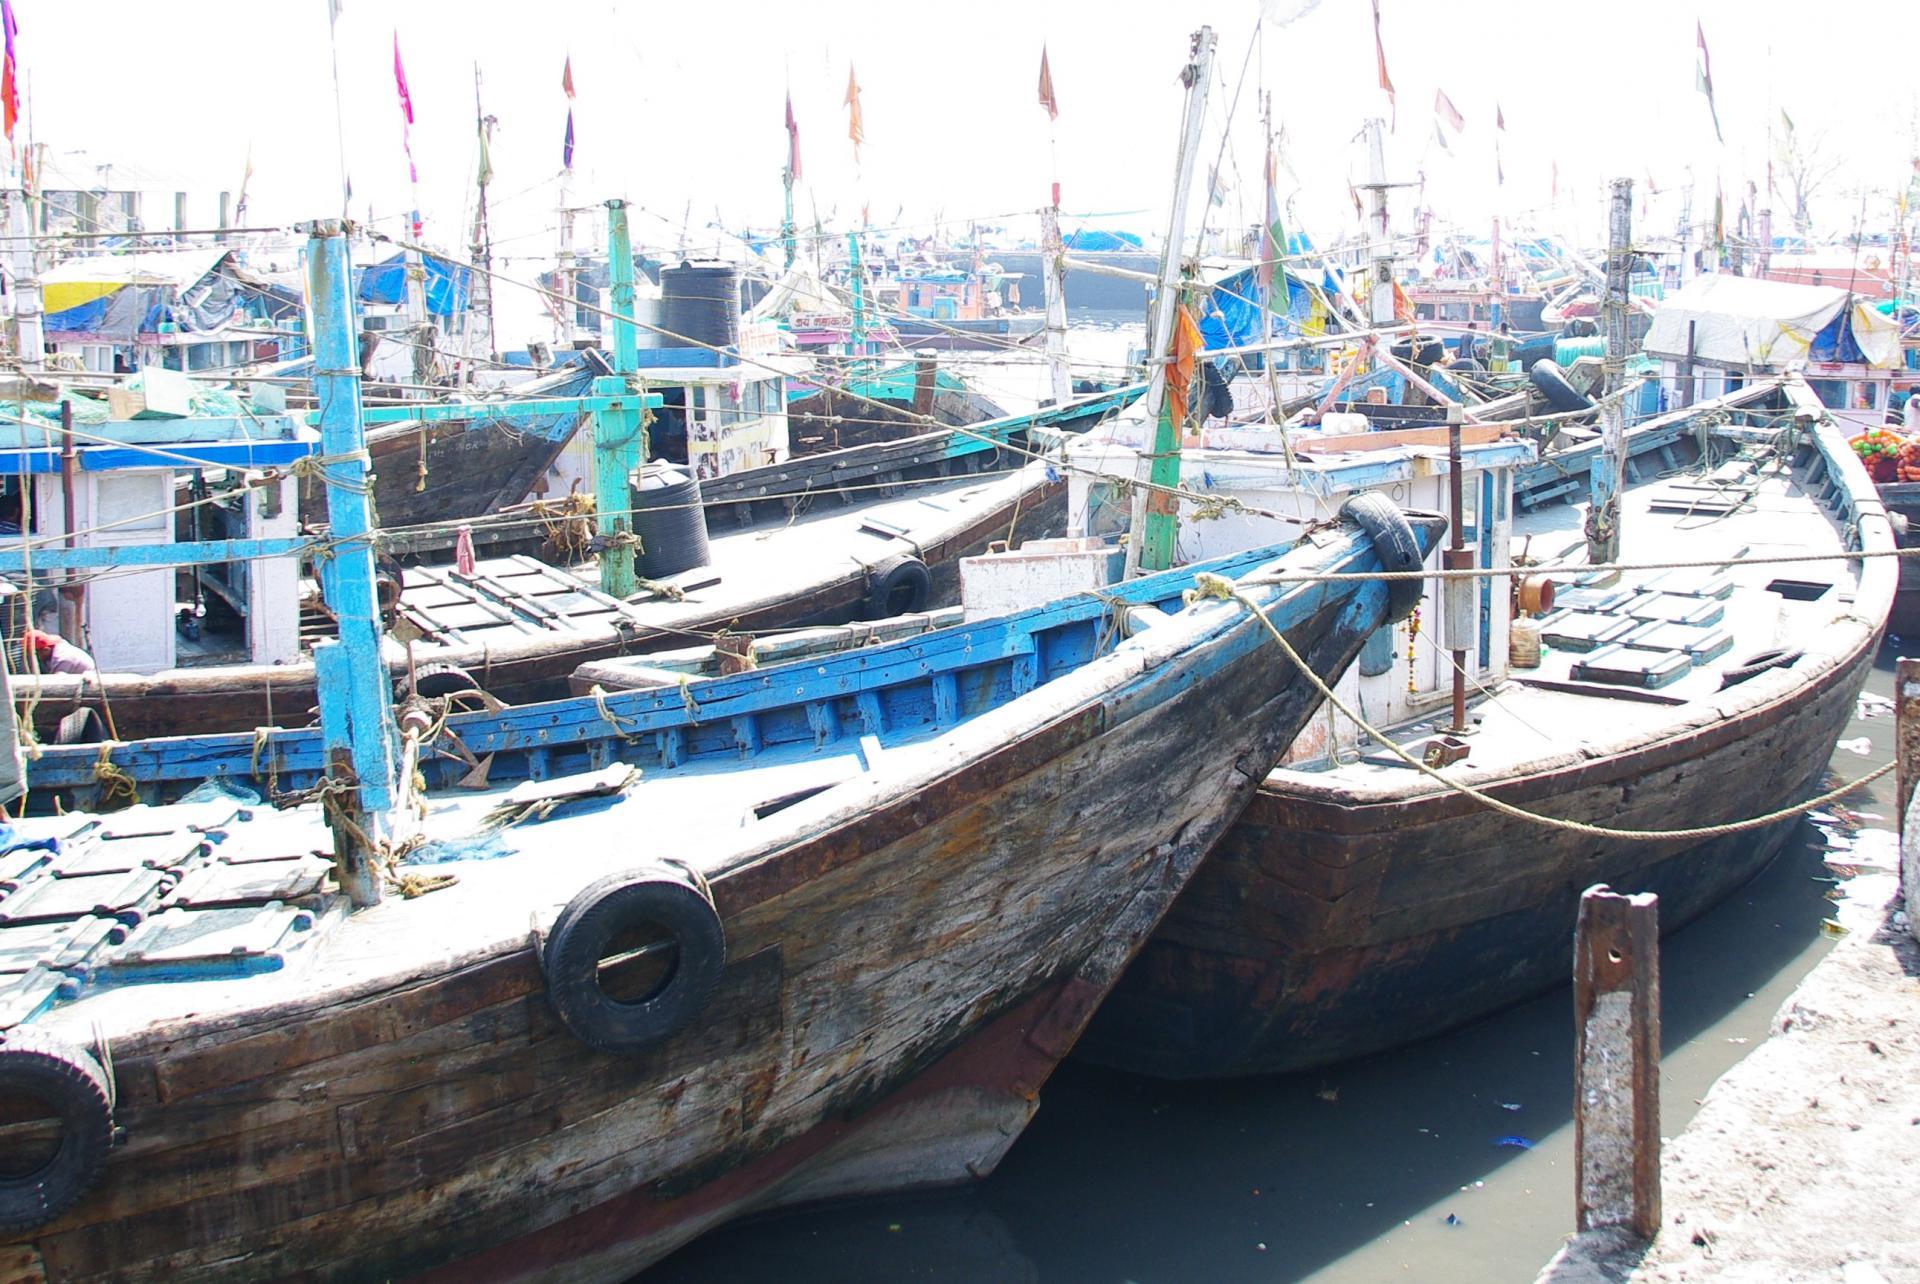 Bombay 11